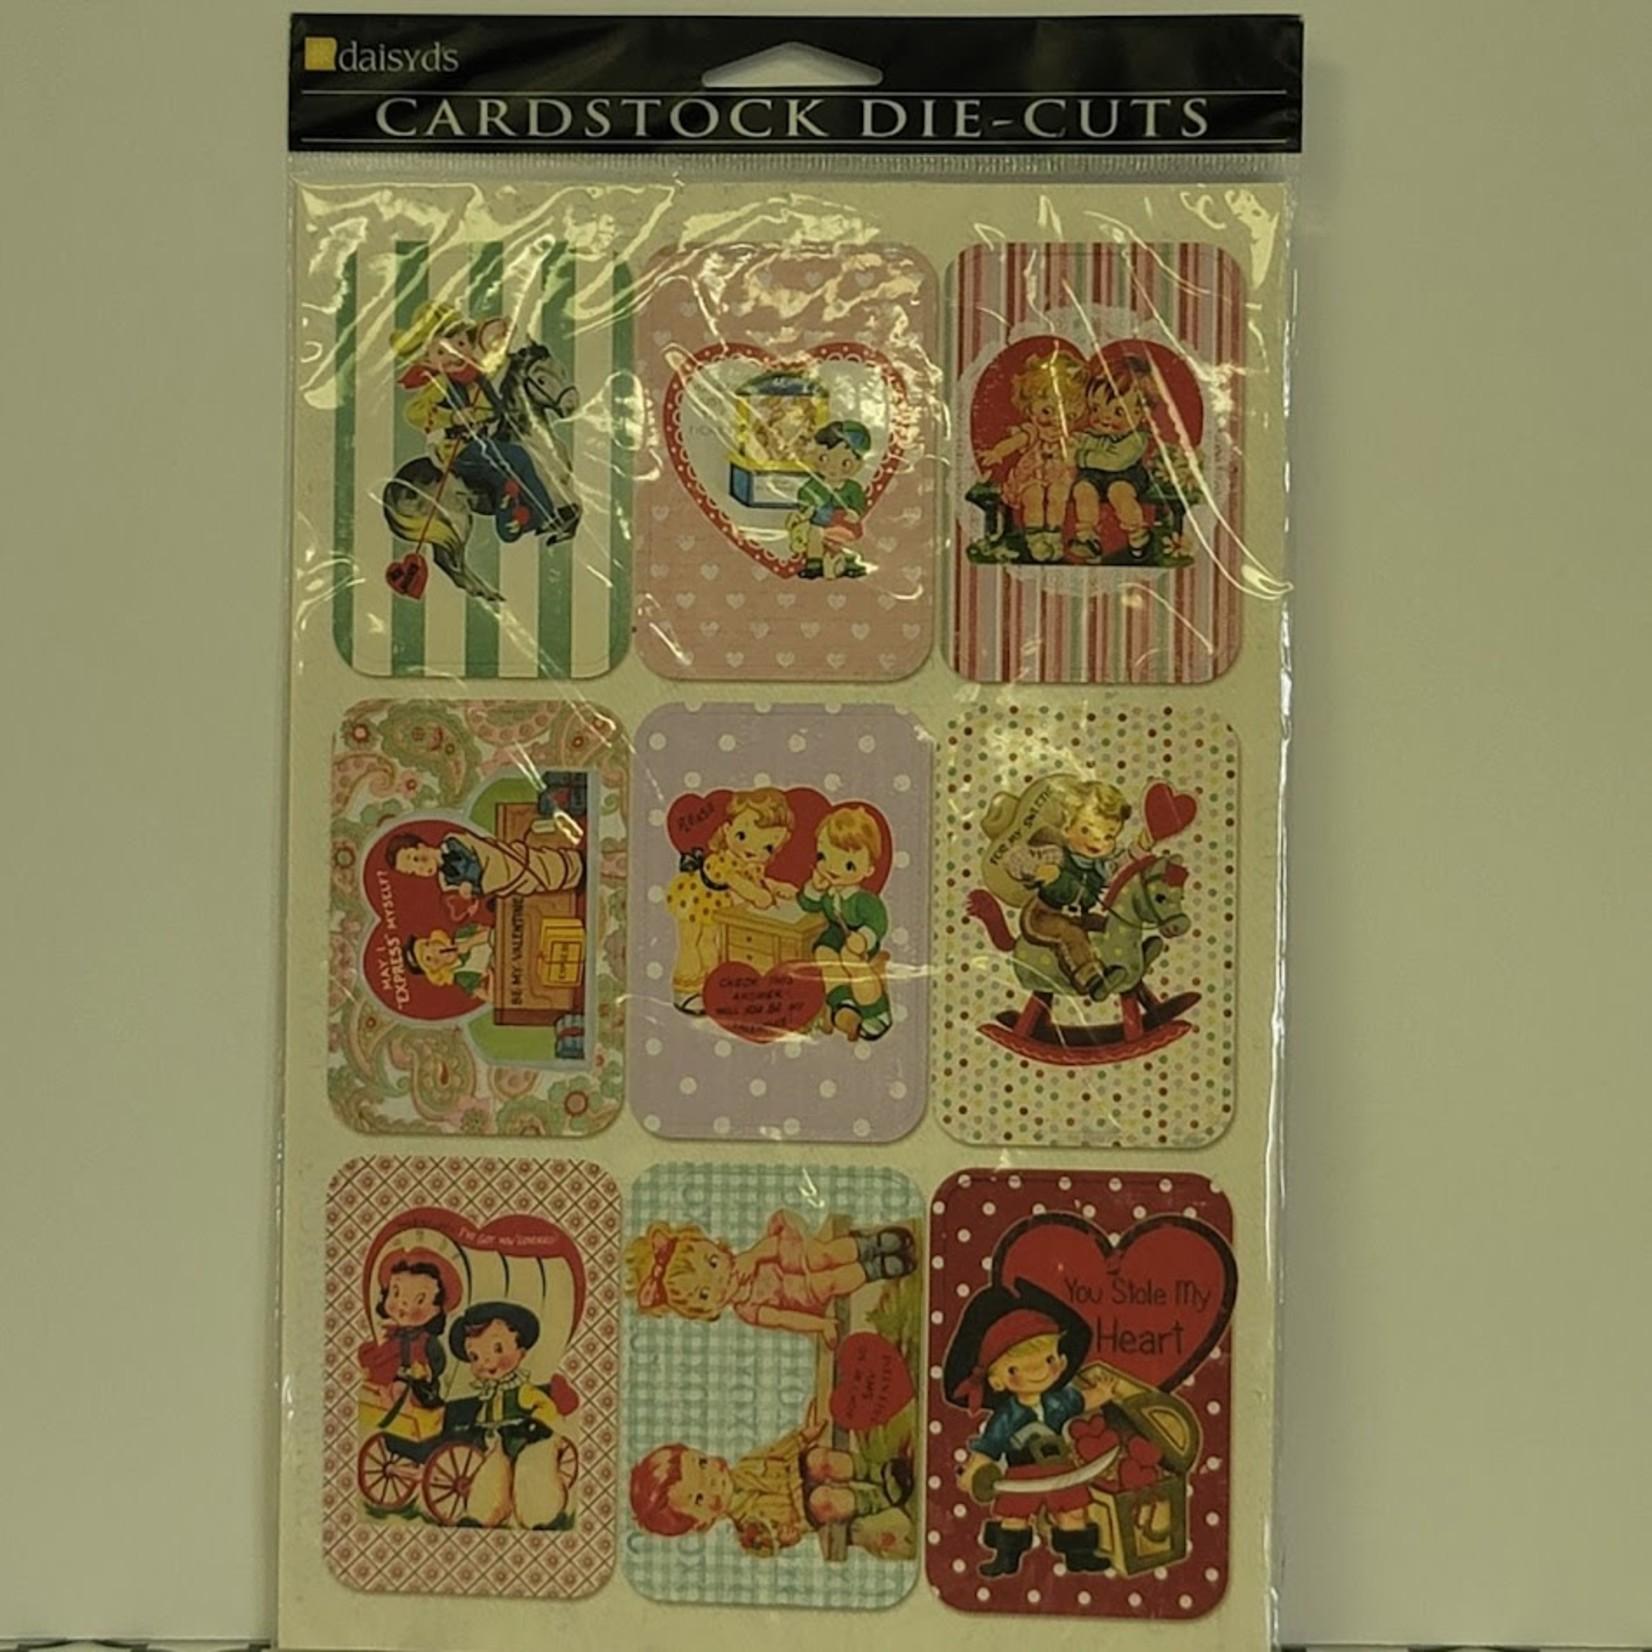 Cardstock Die-Cuts - Valentine Cards